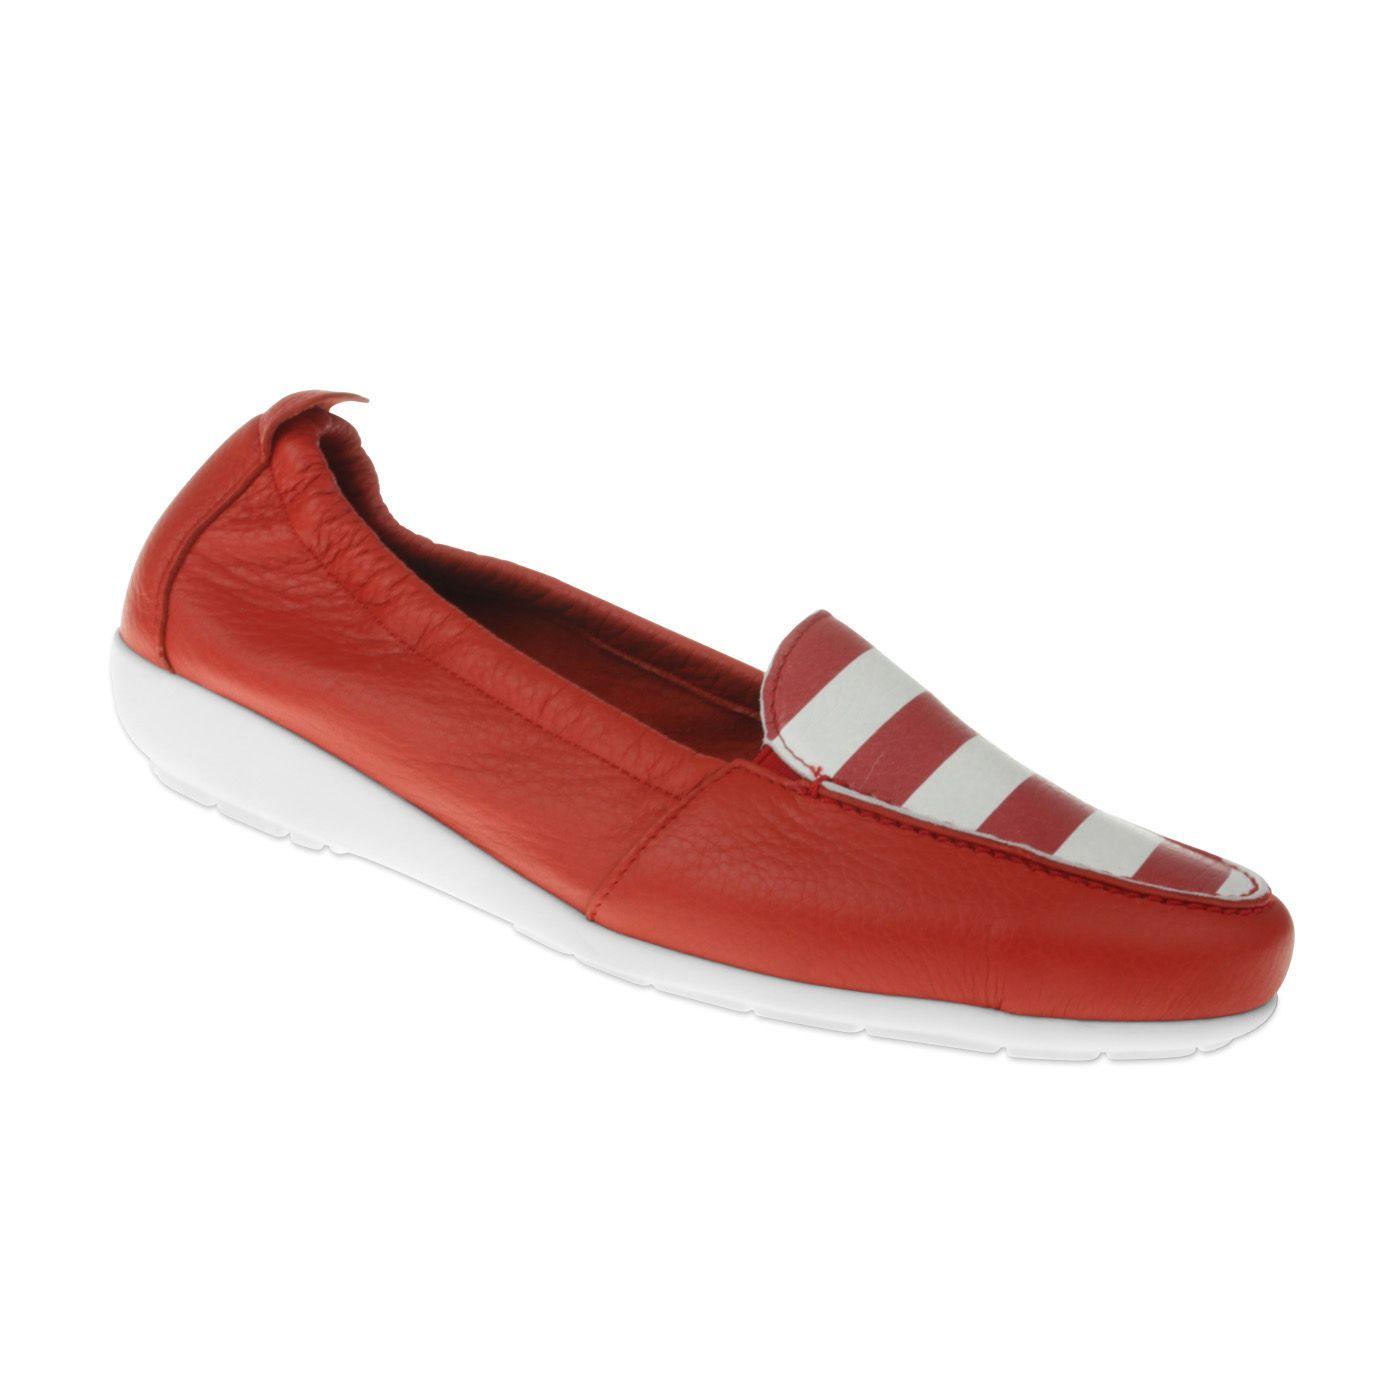 Moderner Mokassin In Weite H Von Natural Feet Aus Echtem Hirschleder Fur Damen Mokassins Damenschuhe Schuhe Fur Einlagen